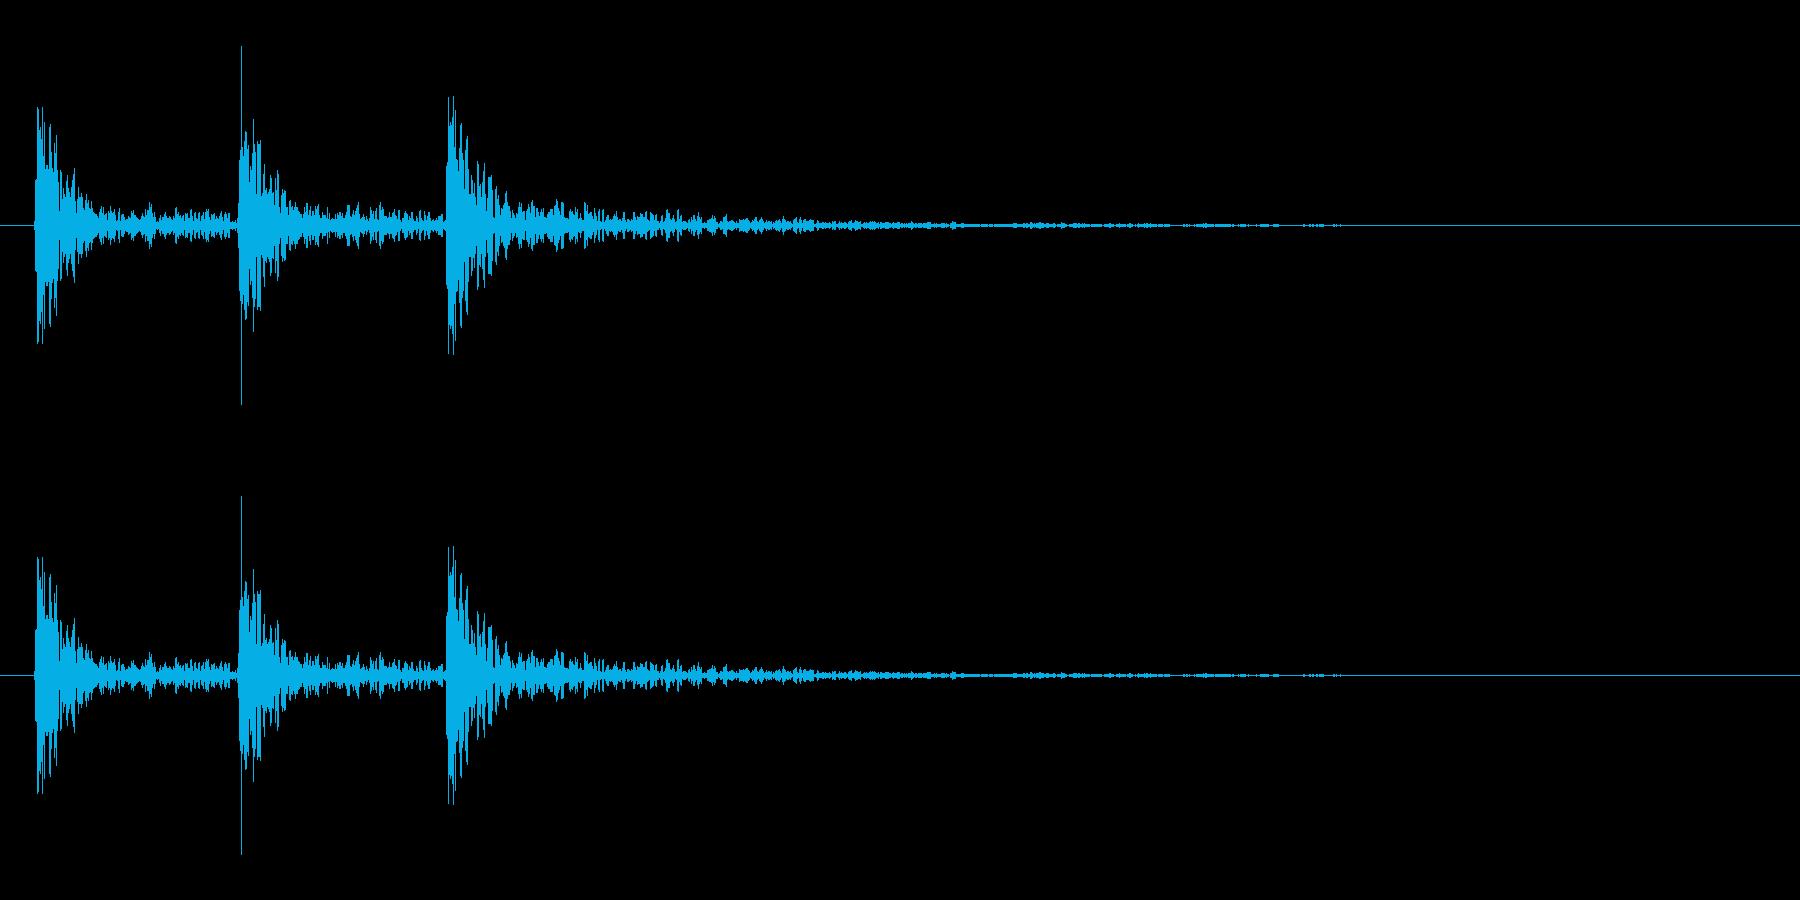 強い打撃音(3発)の再生済みの波形